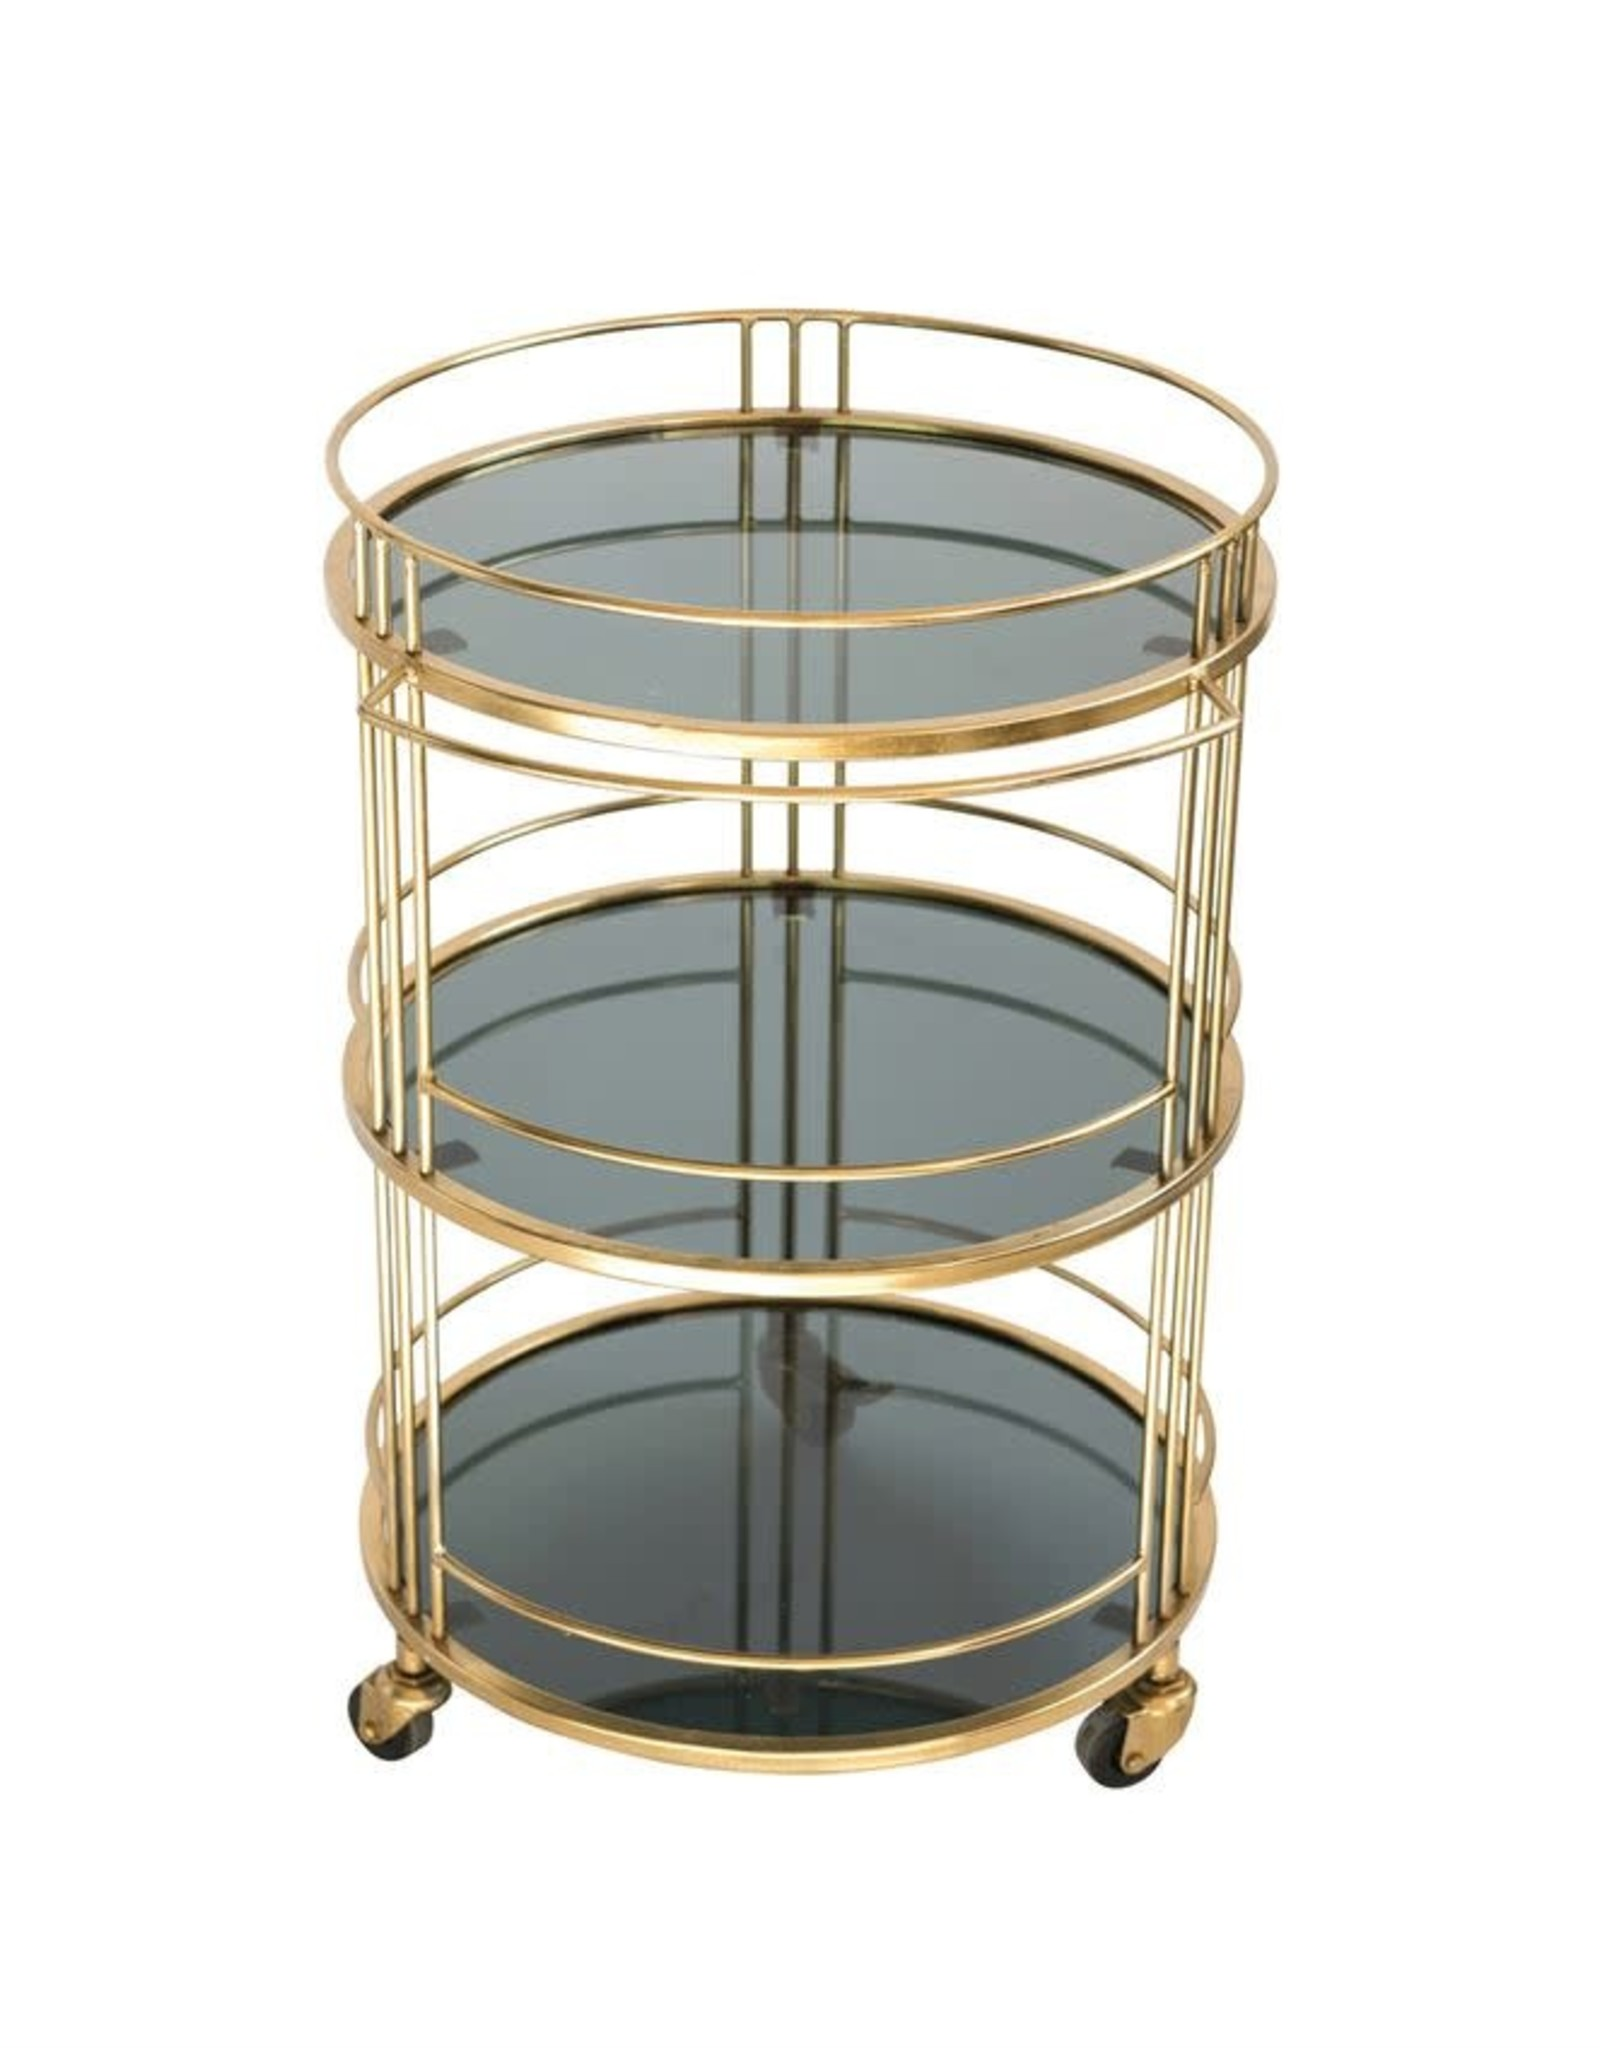 3 Tier Metal and Glass Bar Cart